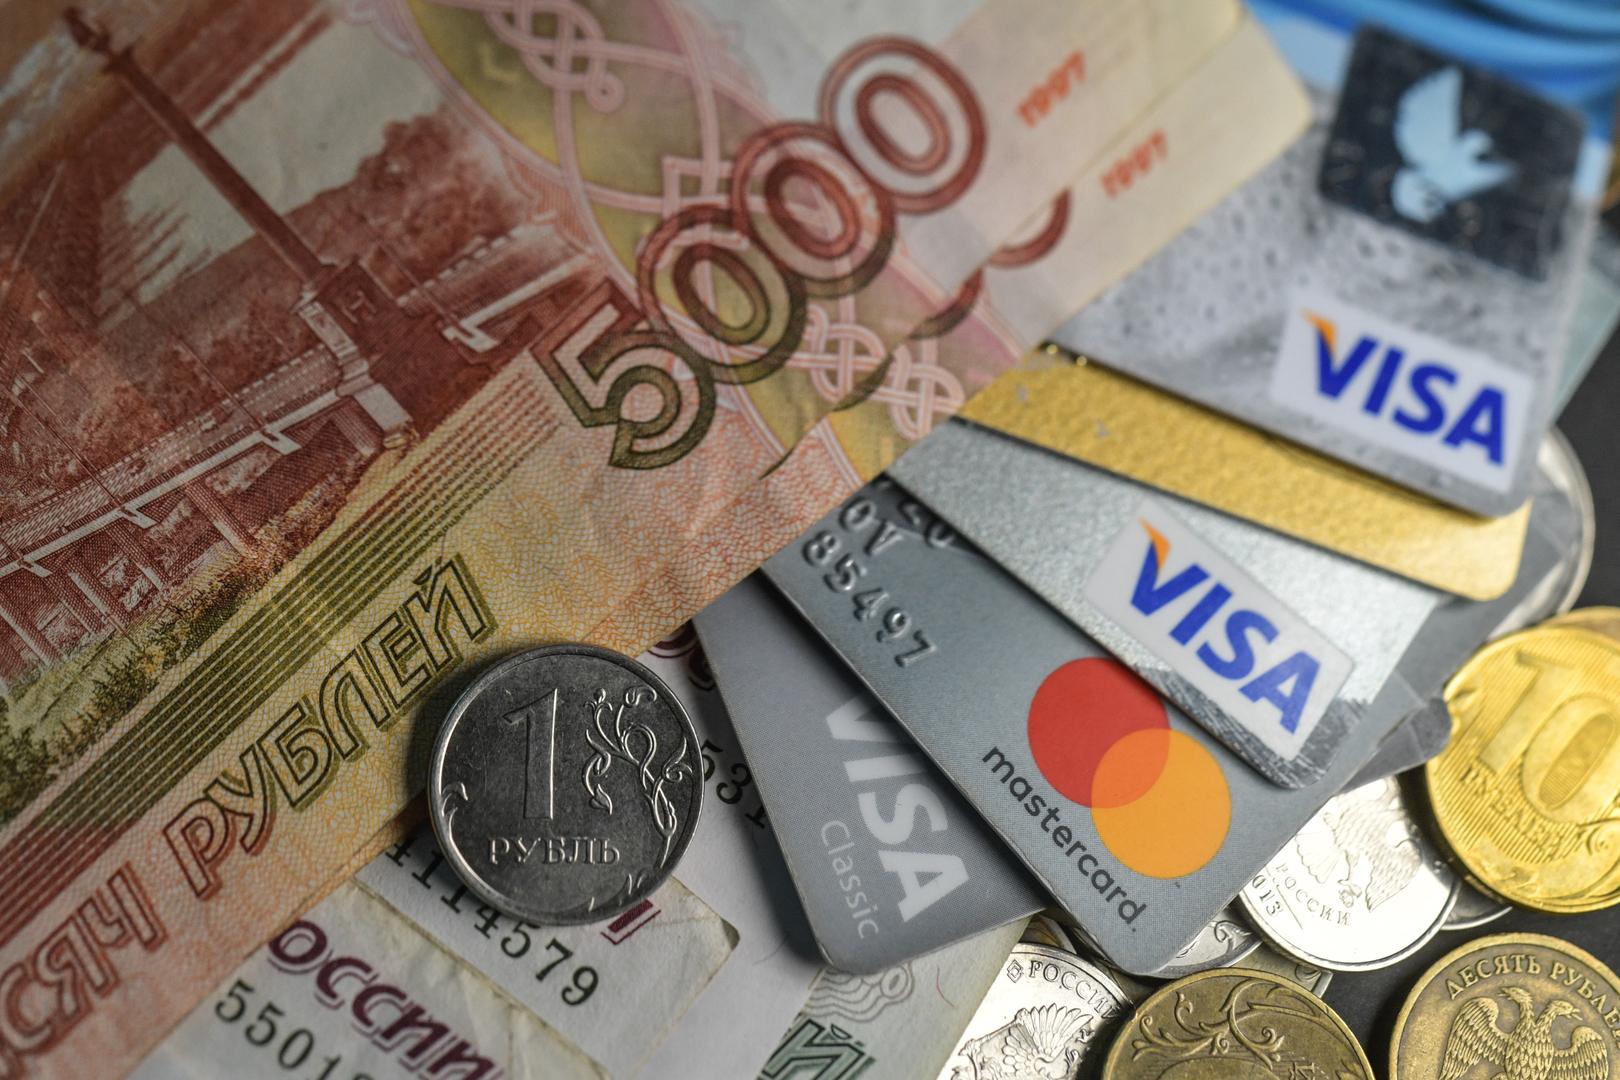 البنك الدولي يحسن توقعاته بشأن نمو الاقتصاد الروسي في عام 2021